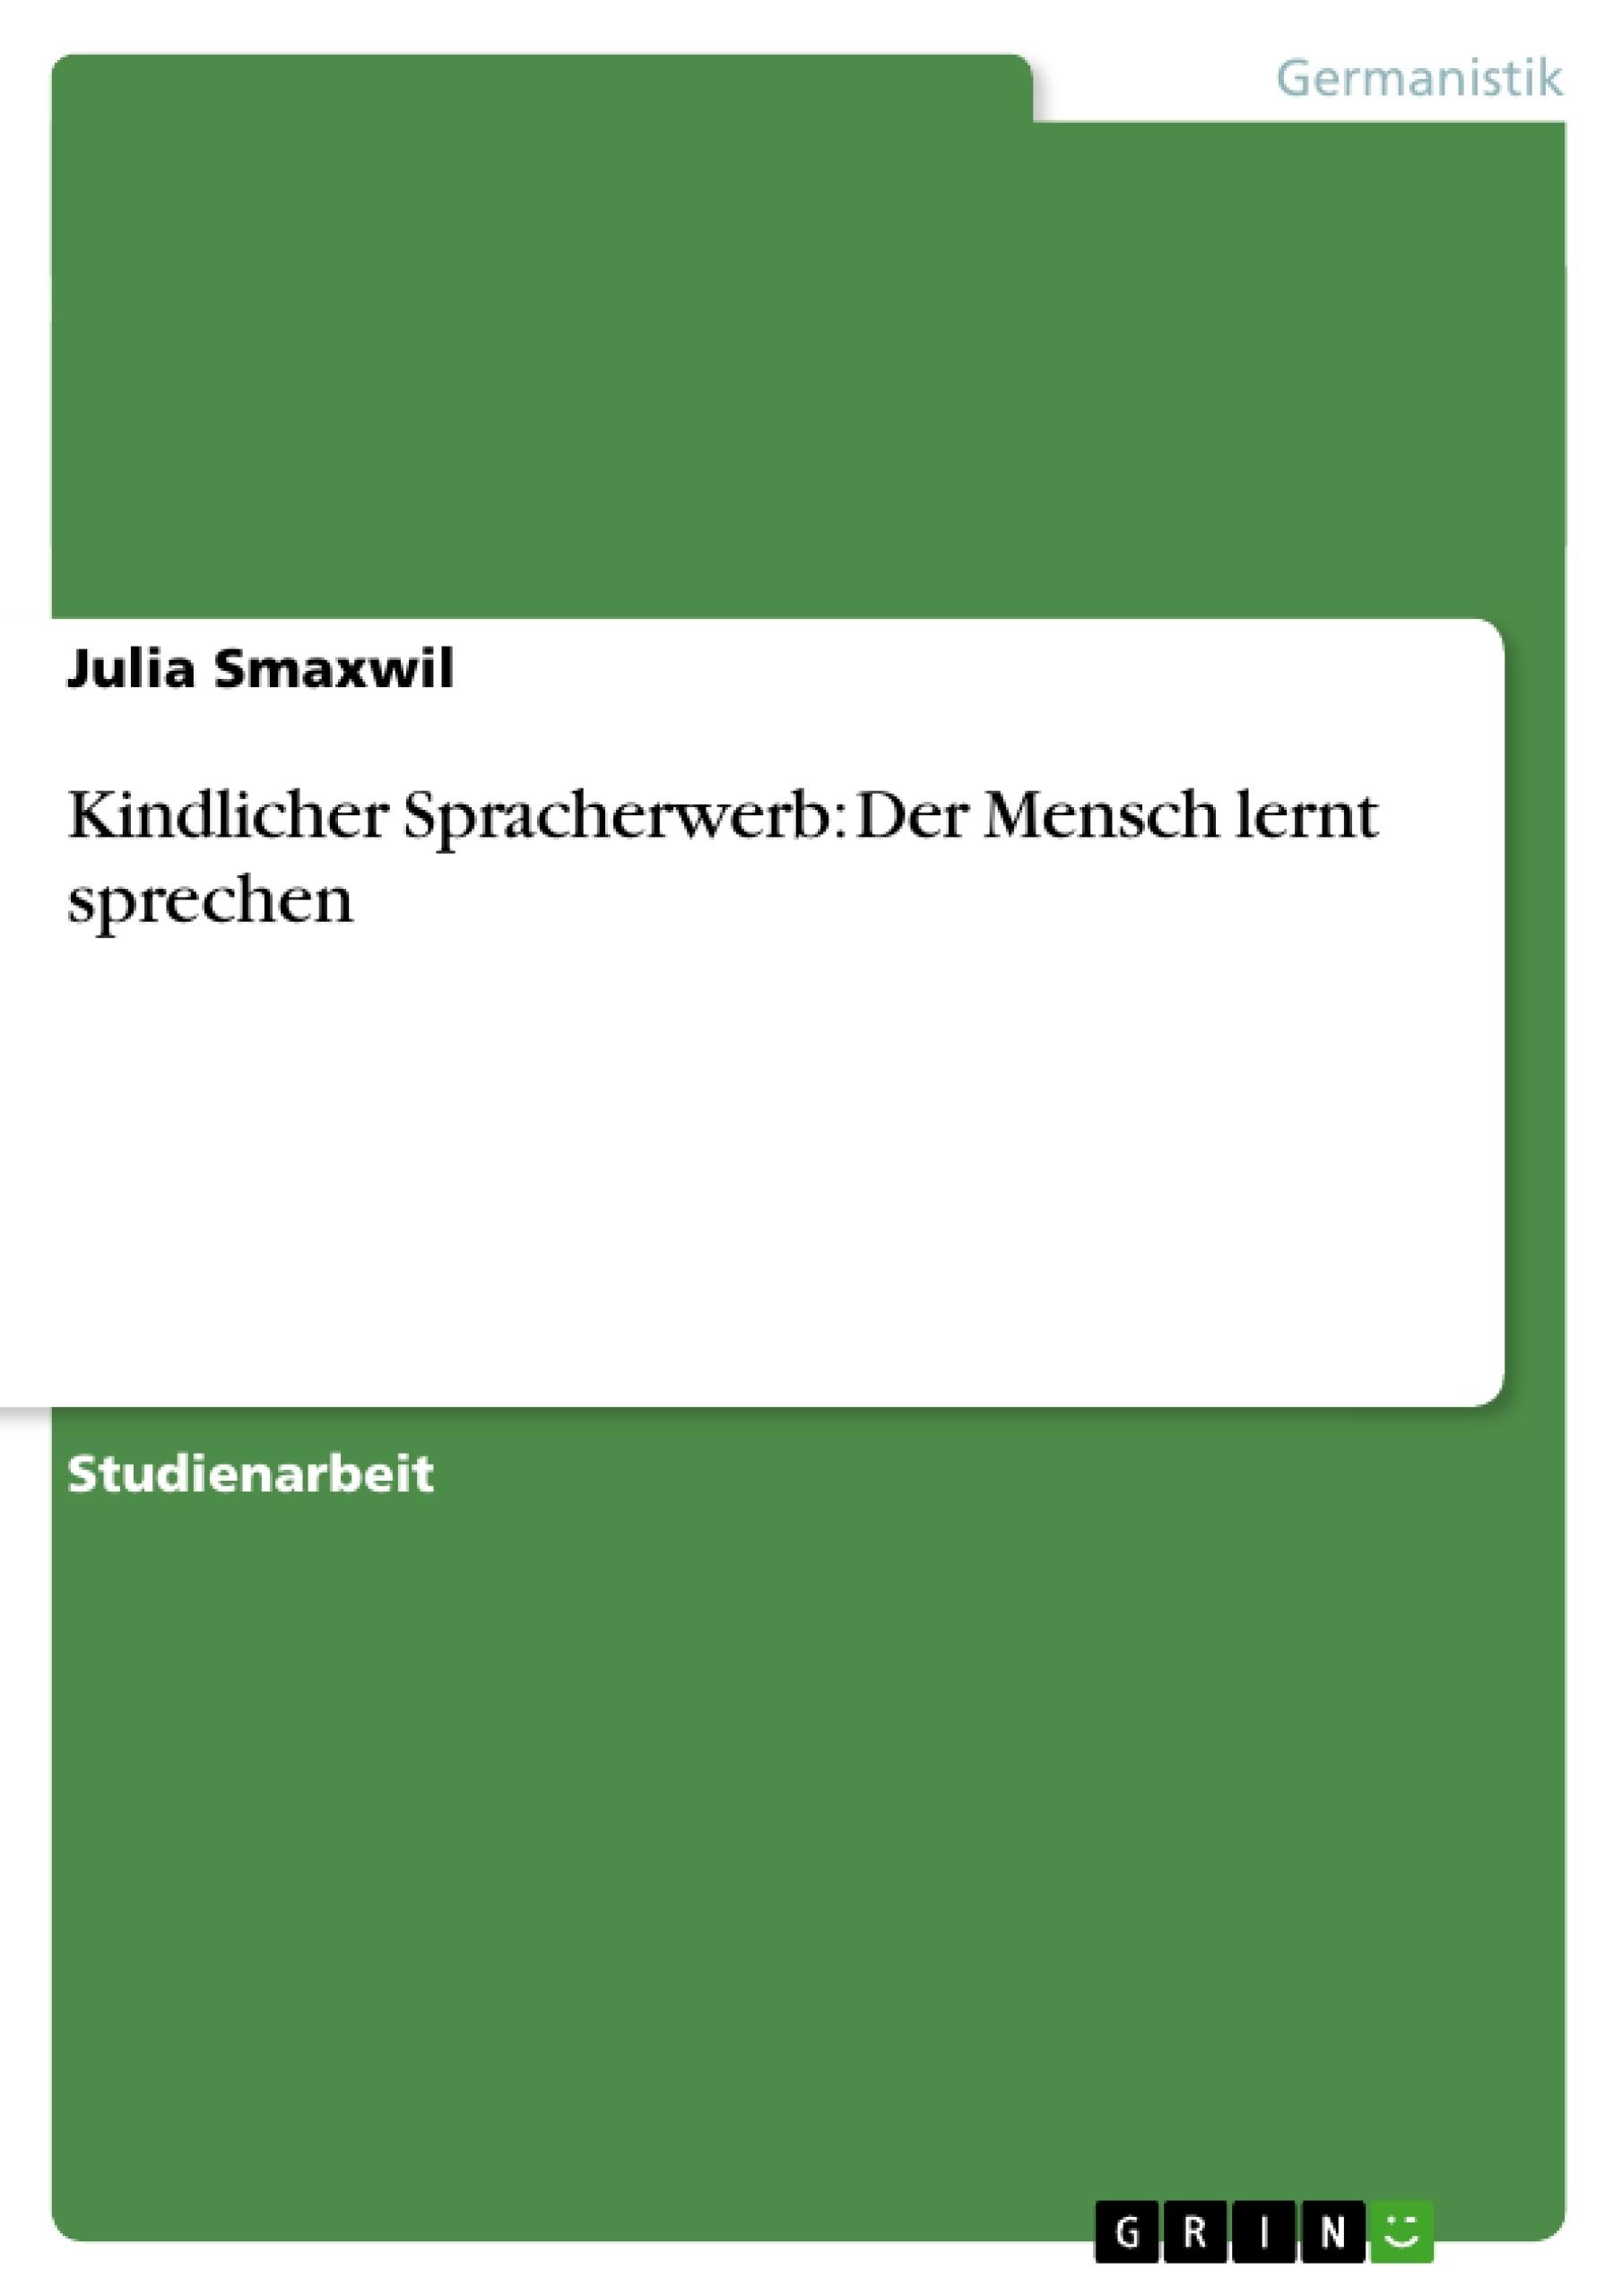 Titel: Kindlicher Spracherwerb: Der Mensch lernt sprechen